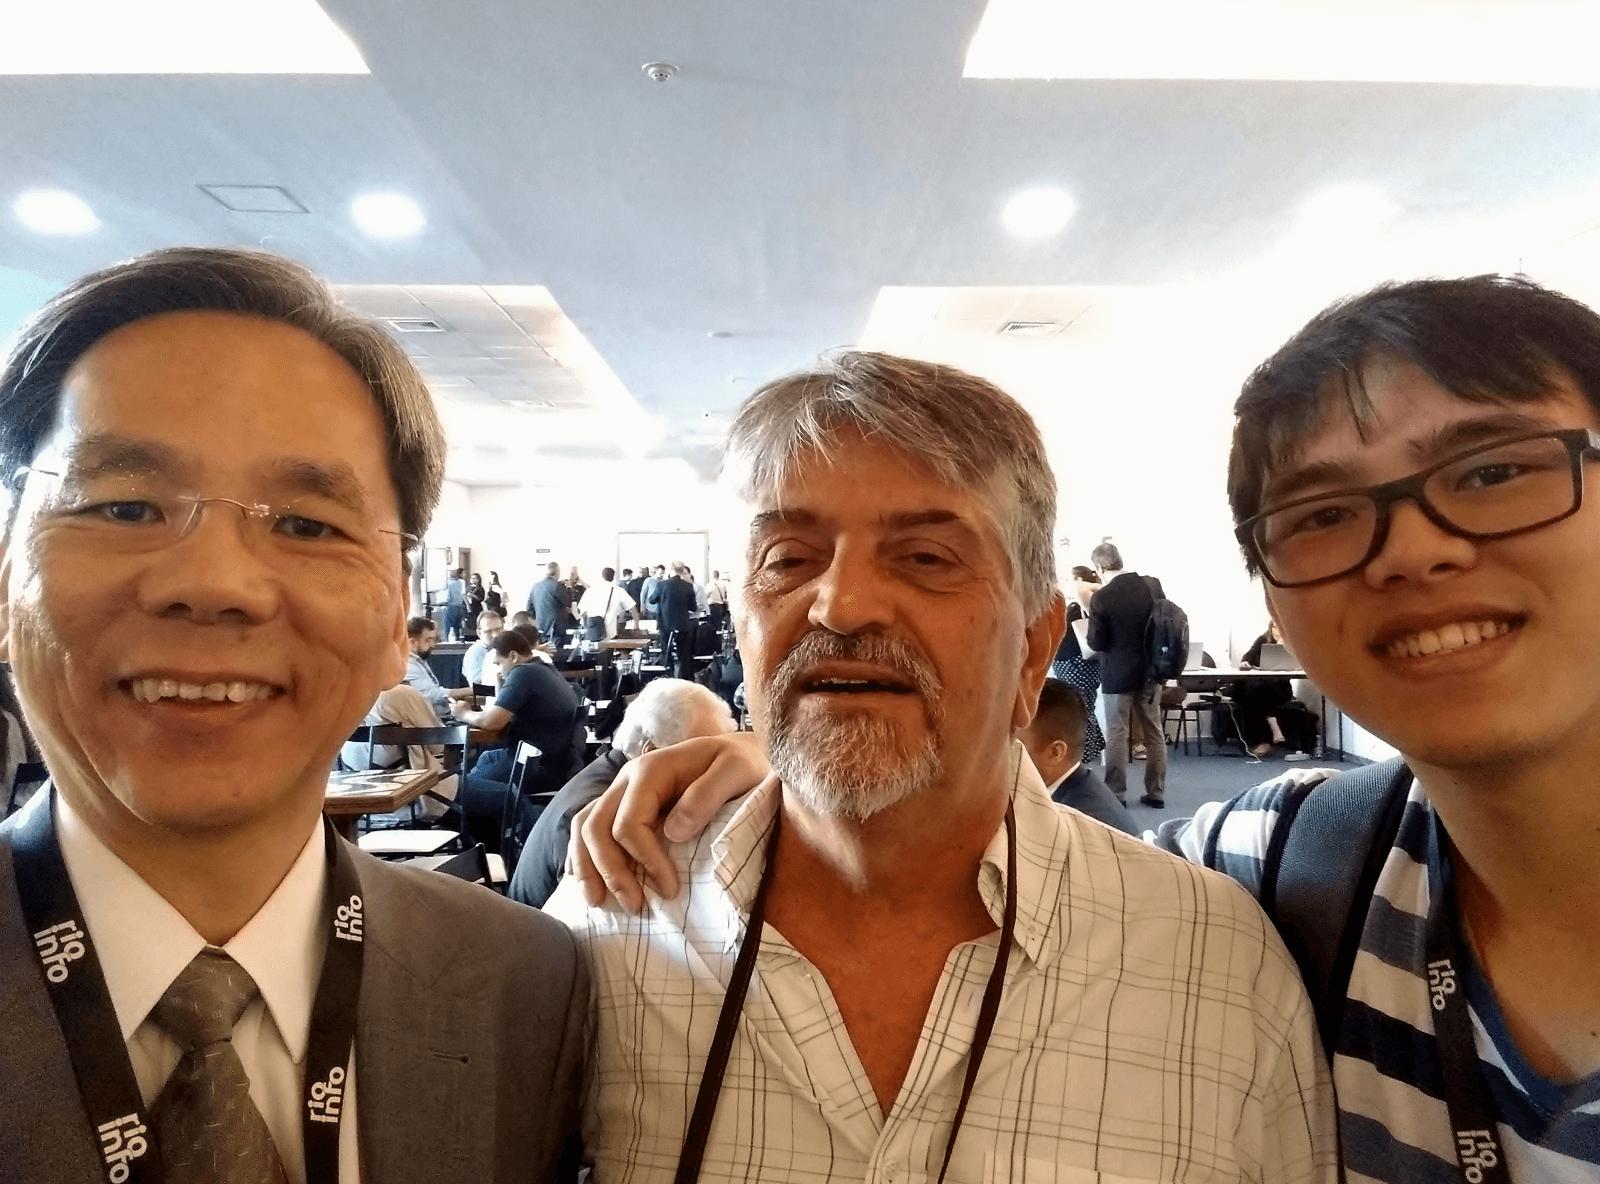 Dr. Eng. Fernando Hideo Fukuda, CEO na Fukuda Solutions, teve a felicidade em encontrar-se também com o MentoradoMai Yufeng, Aluno do Curso de Engenharia de Computação no Campus Tijuca da UVA, para mais mentorias durante o evento.